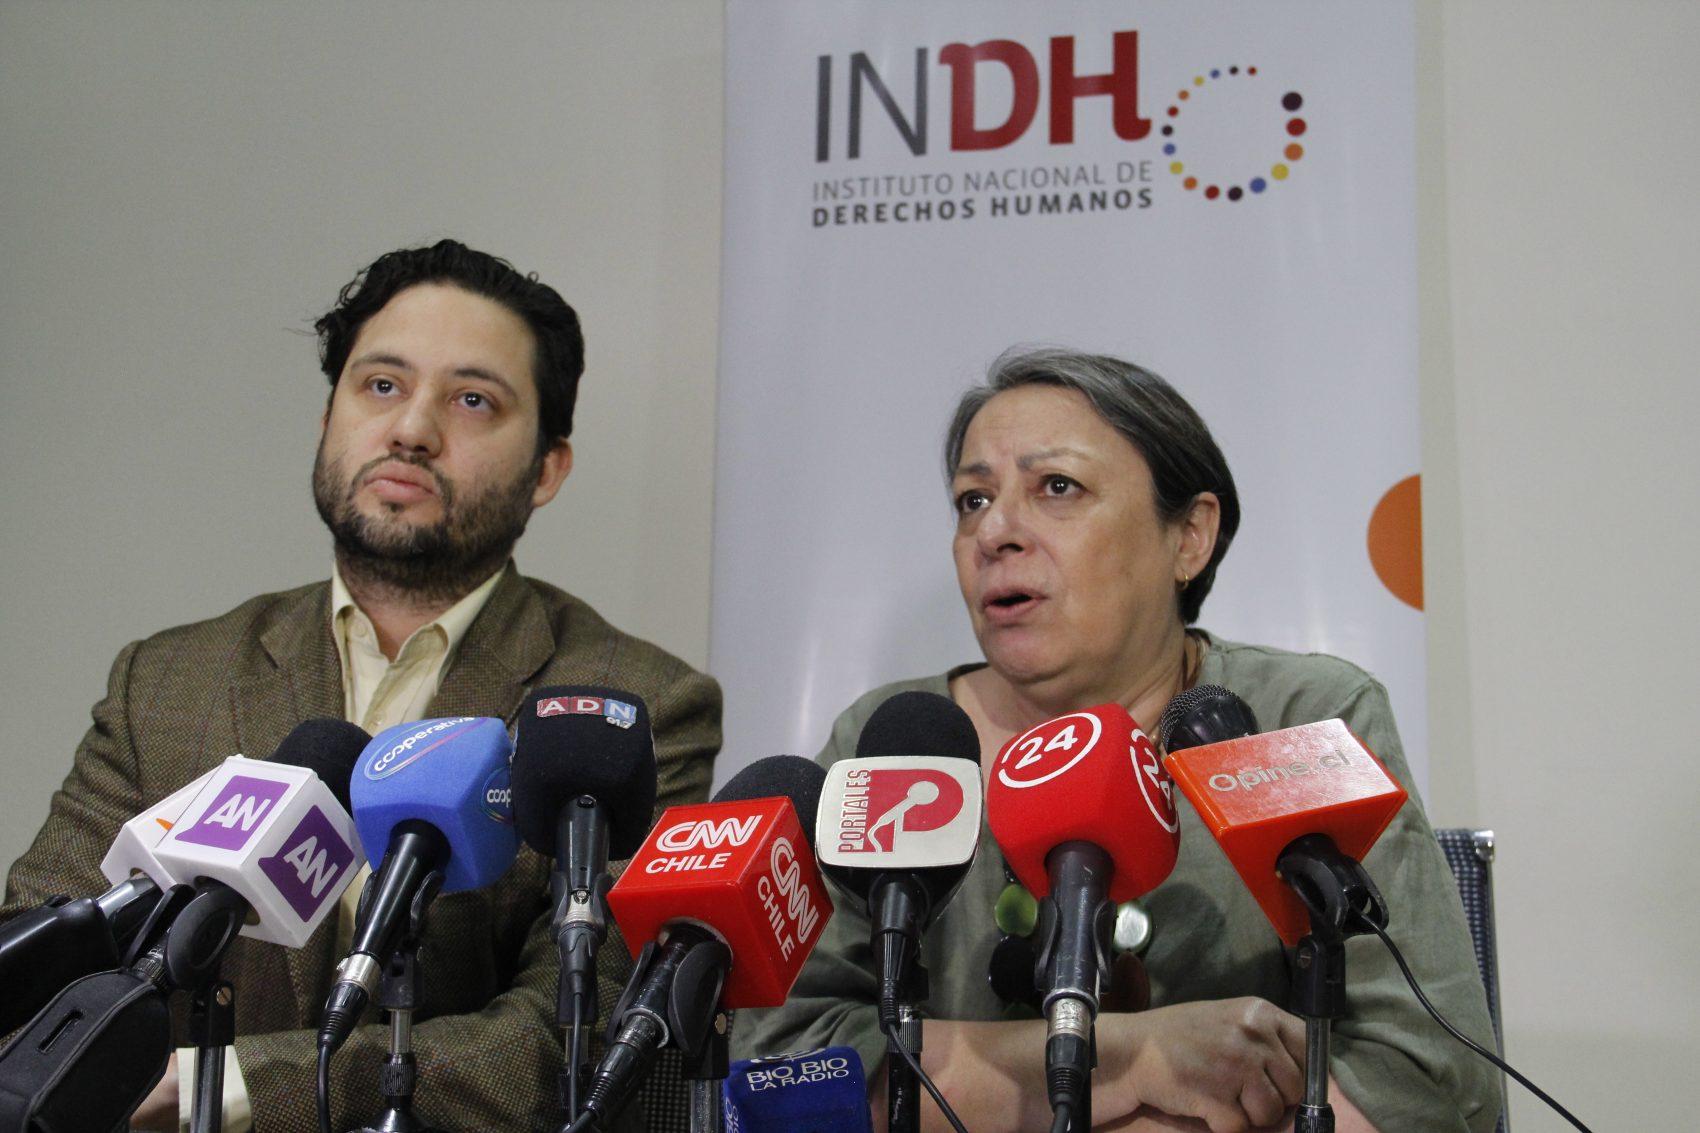 No hay caso: INDH anuncia acciones judiciales contra Carabineros por nuevo episodio de violencia contra adolescente que acompañaba a Camilo Catrillanca